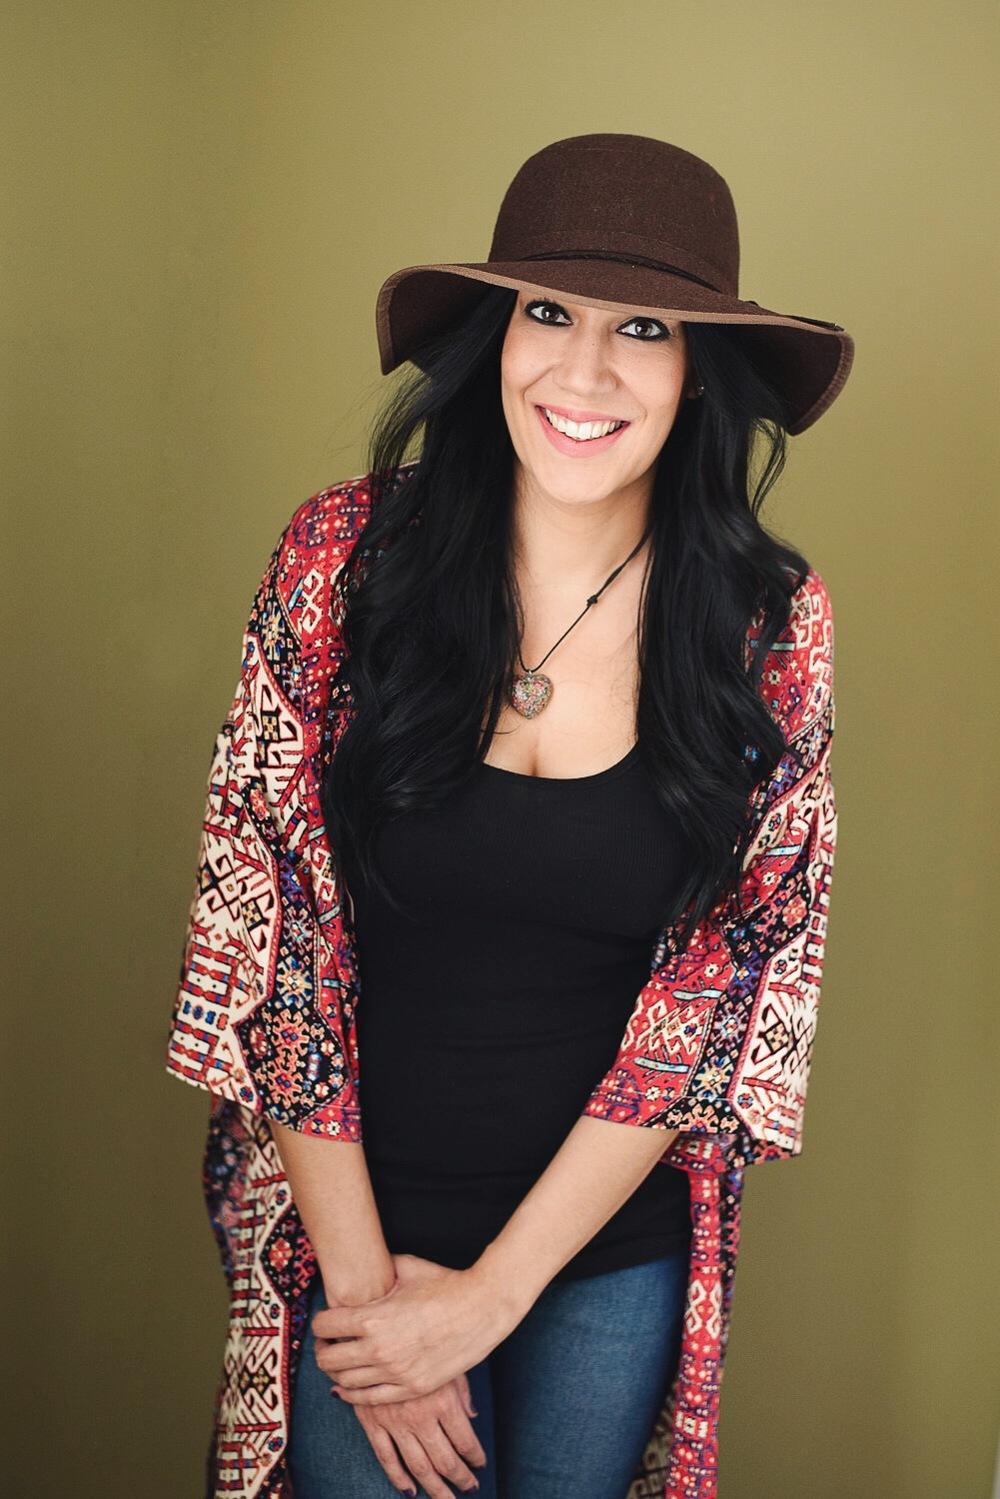 Ana Valenzuela-Melissa Alcantar Fotografía-Sesión de fotos en Mexicali